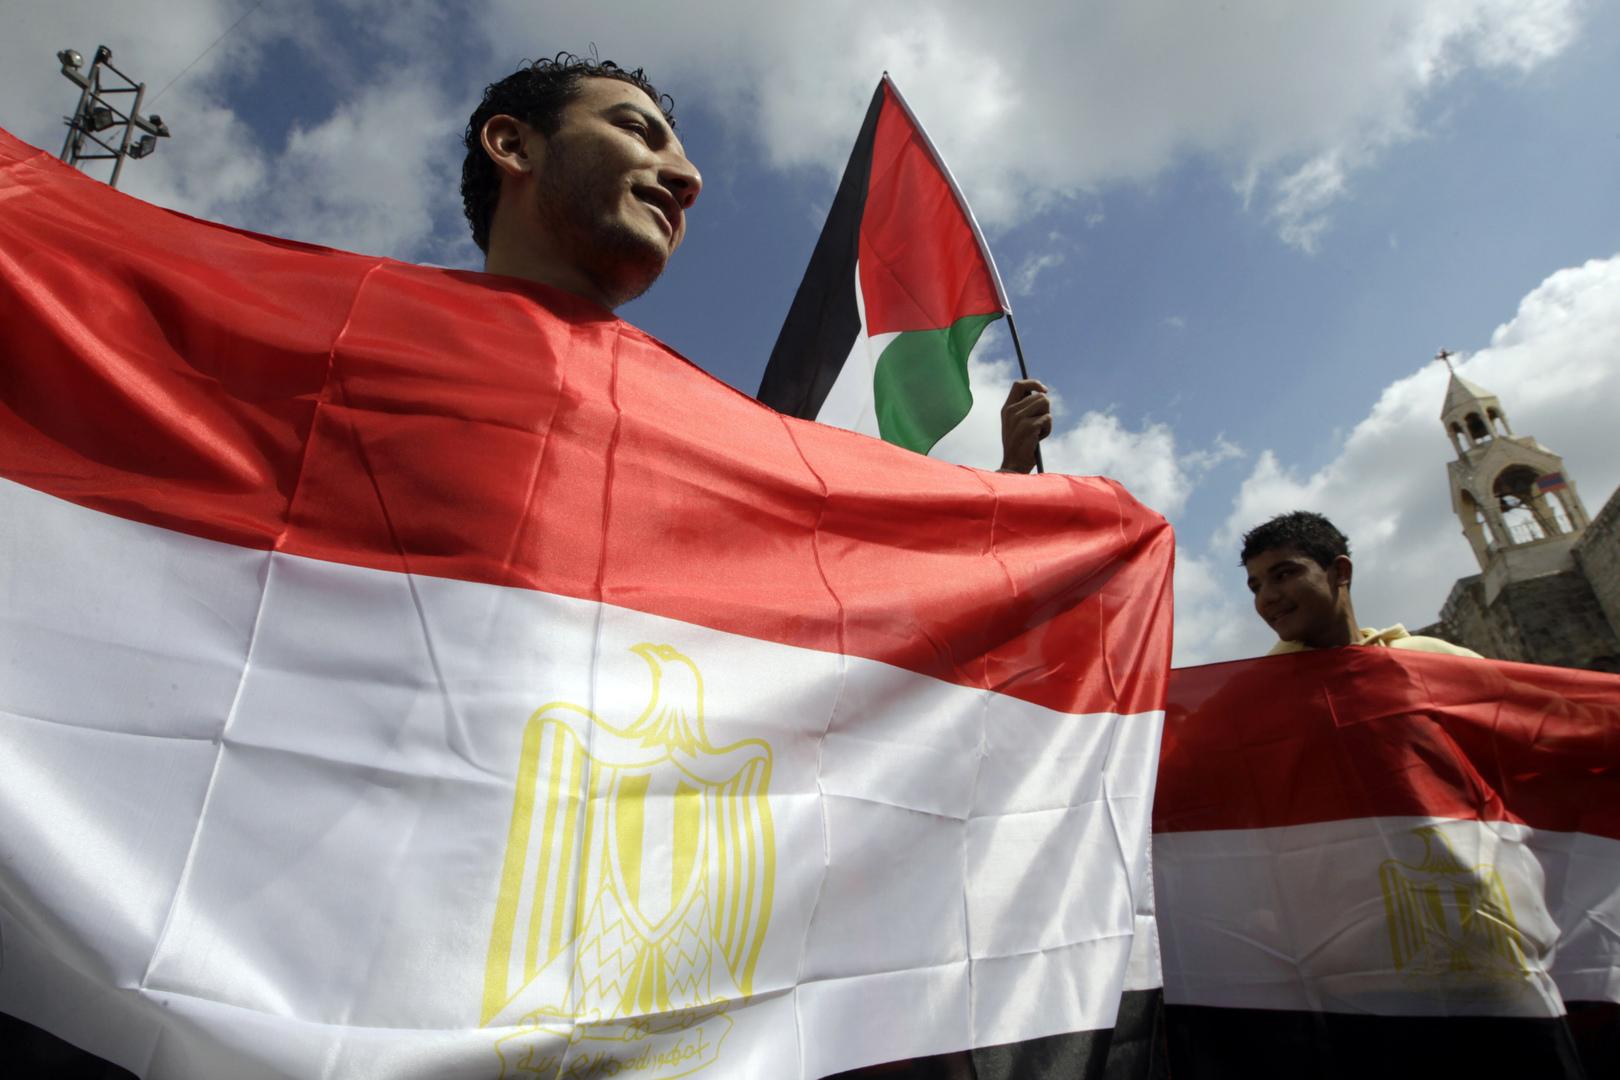 أشخاص يحملون الأعلام المصرية والعلم الفلسطيني